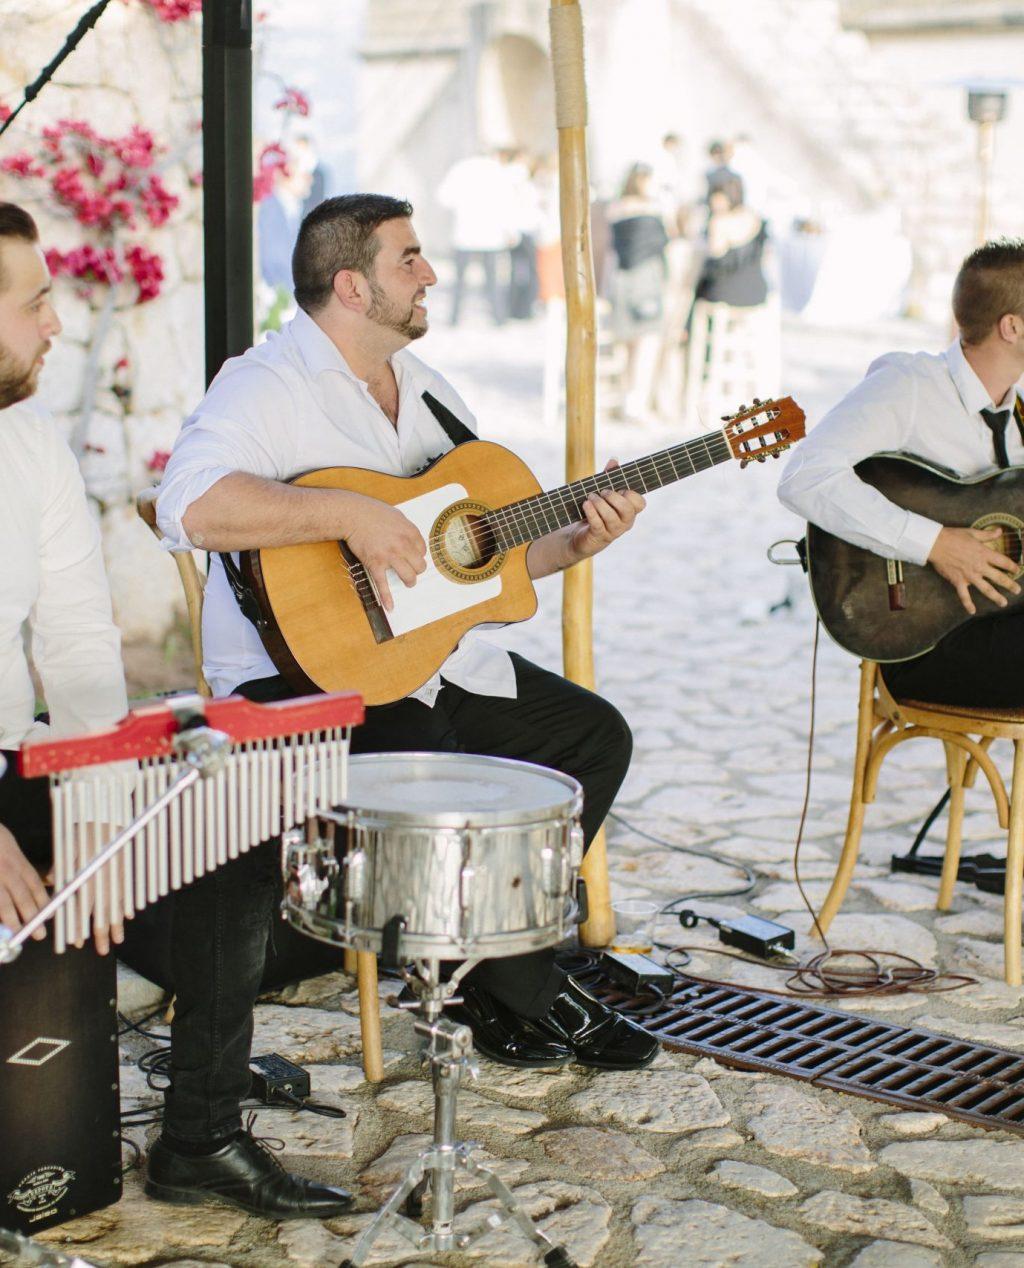 music band for wedding and event in La Fortaleza Pollensa Mallorca